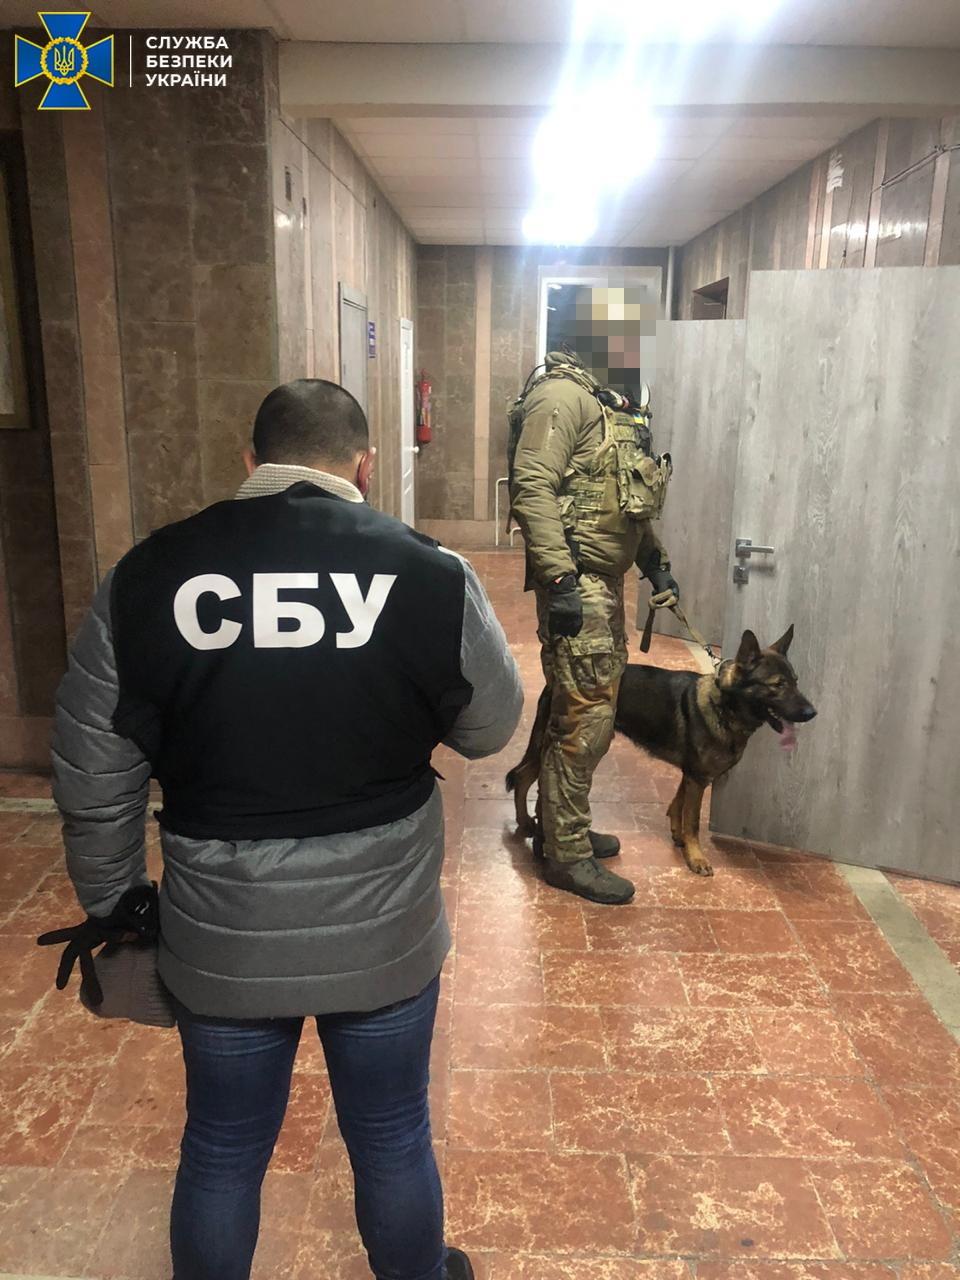 У Києві поліцейський вимагав 10 тис.$ хабаря - хабар, Поліція, Київ - bfbaa4db6f49495b70d4a5d198bf0118